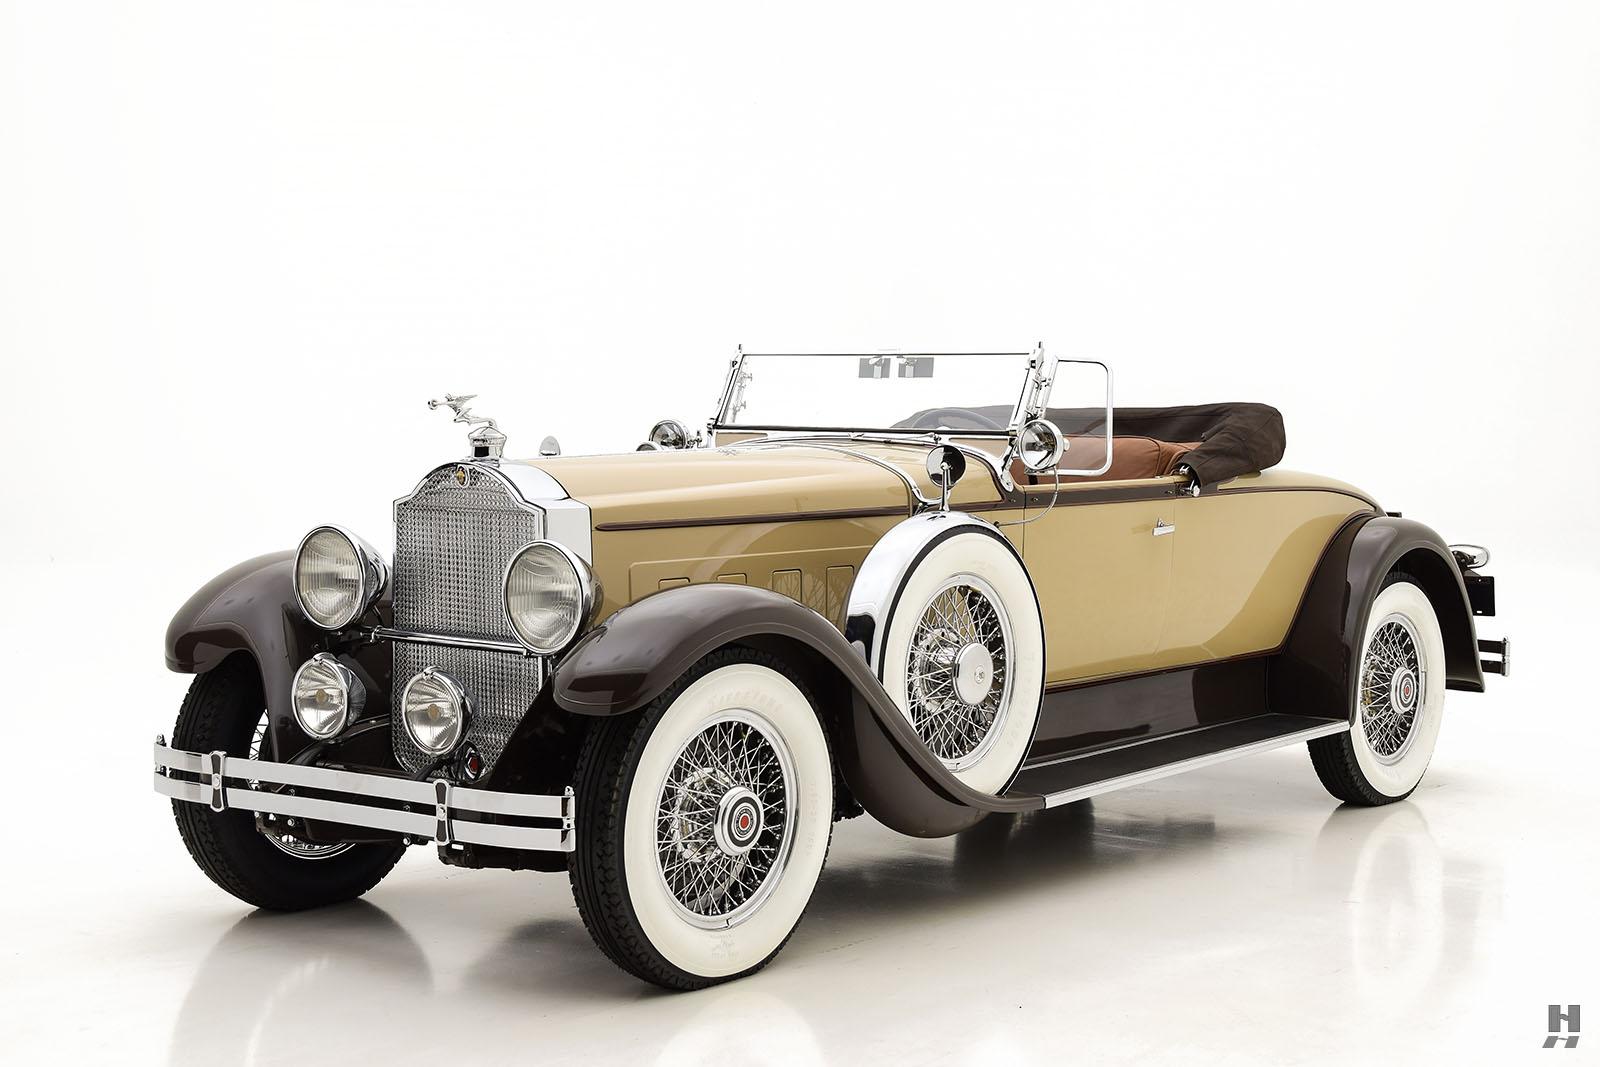 1929 Packard 645 Roadster For Sale | Buy Classic Packard | Hyman LTD